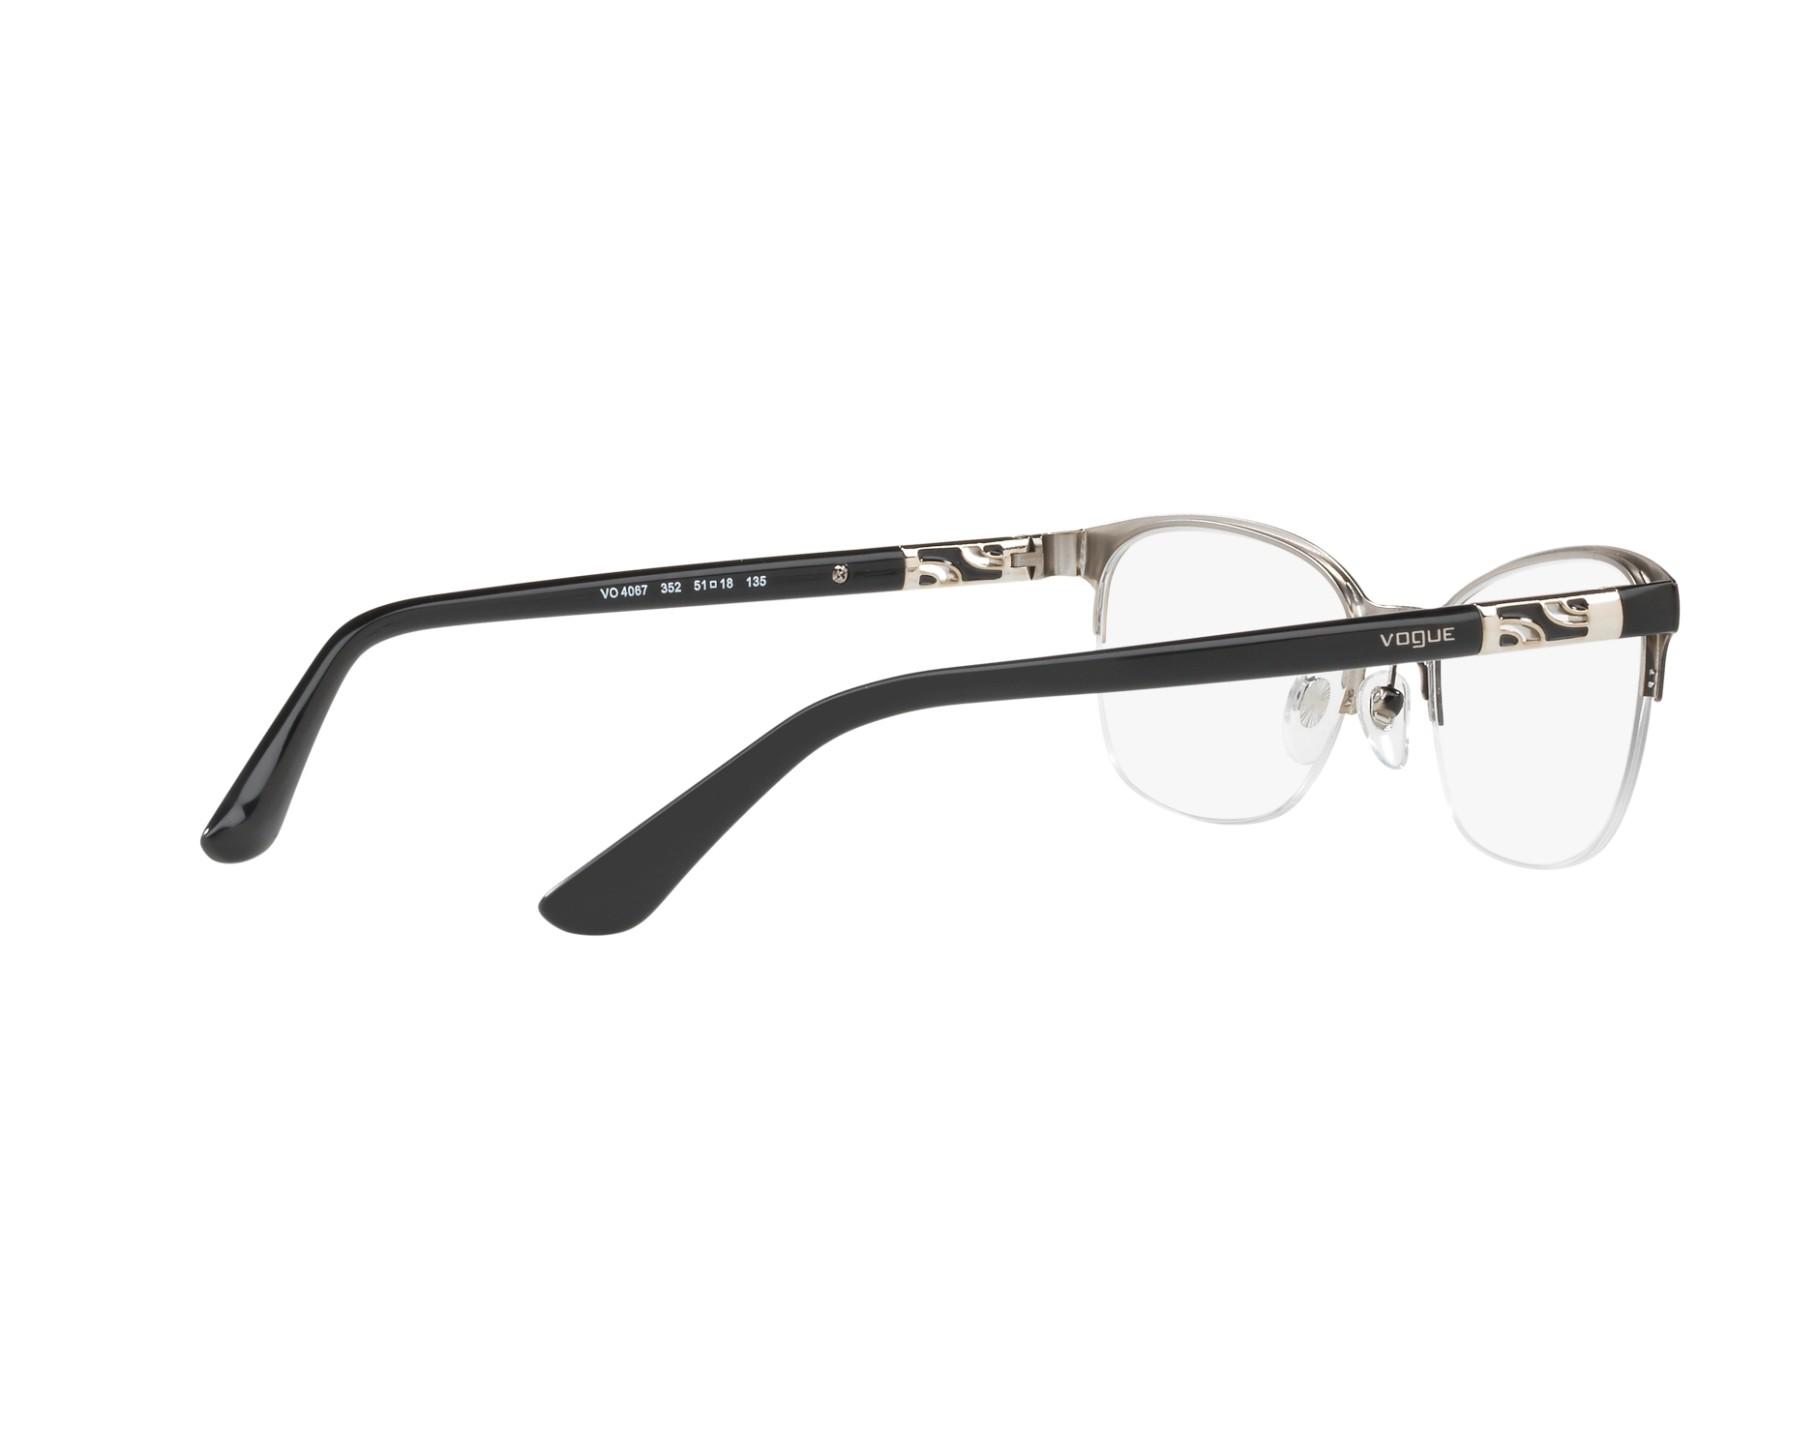 8aec85b1ea eyeglasses Vogue VO-4067 352 - Black Silver 360 degree view 9